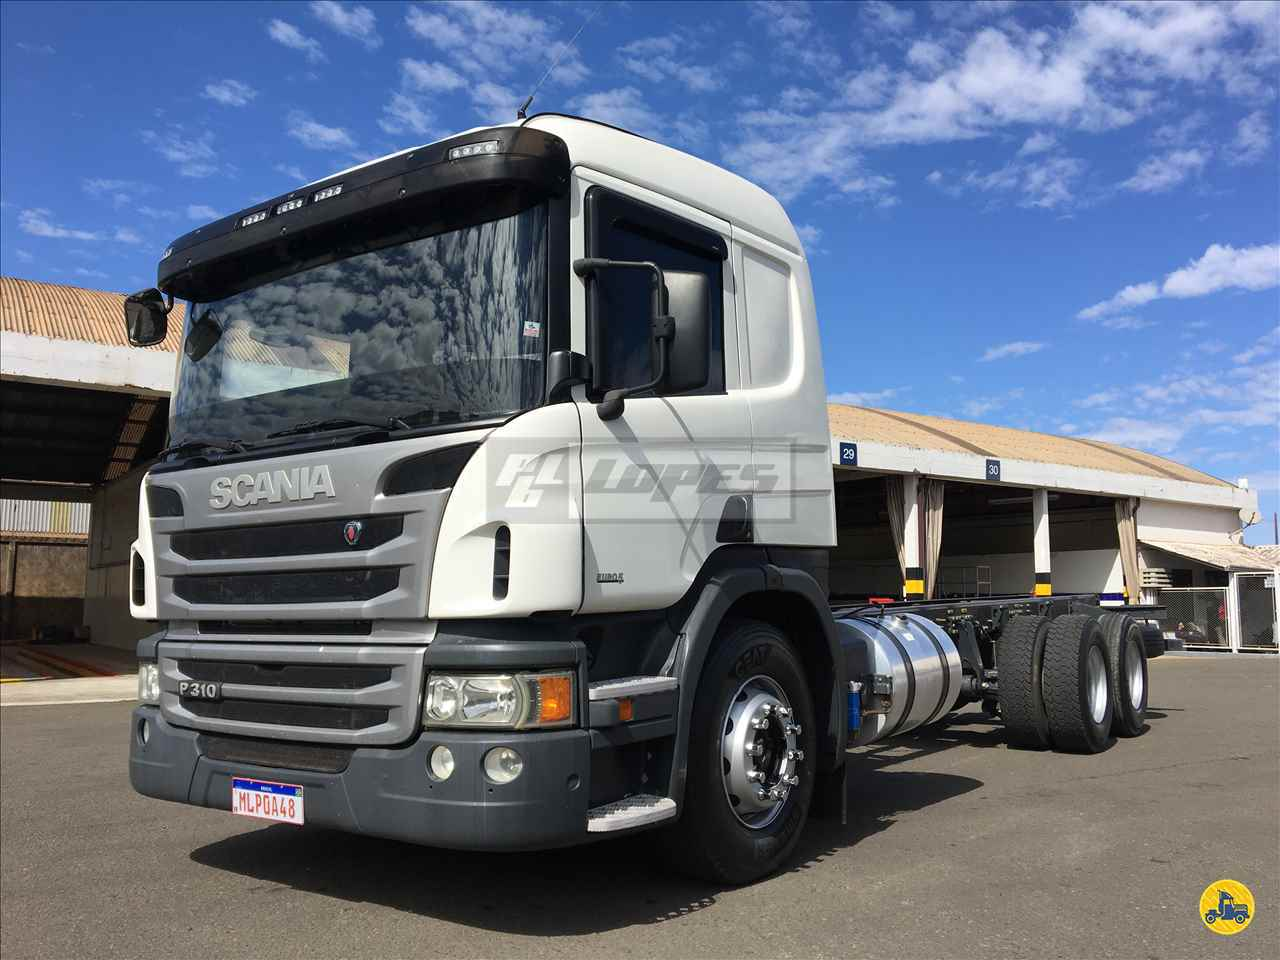 CAMINHAO SCANIA SCANIA 310 Chassis Truck 6x2 P.B. Lopes - Scania MARINGA PARANÁ PR